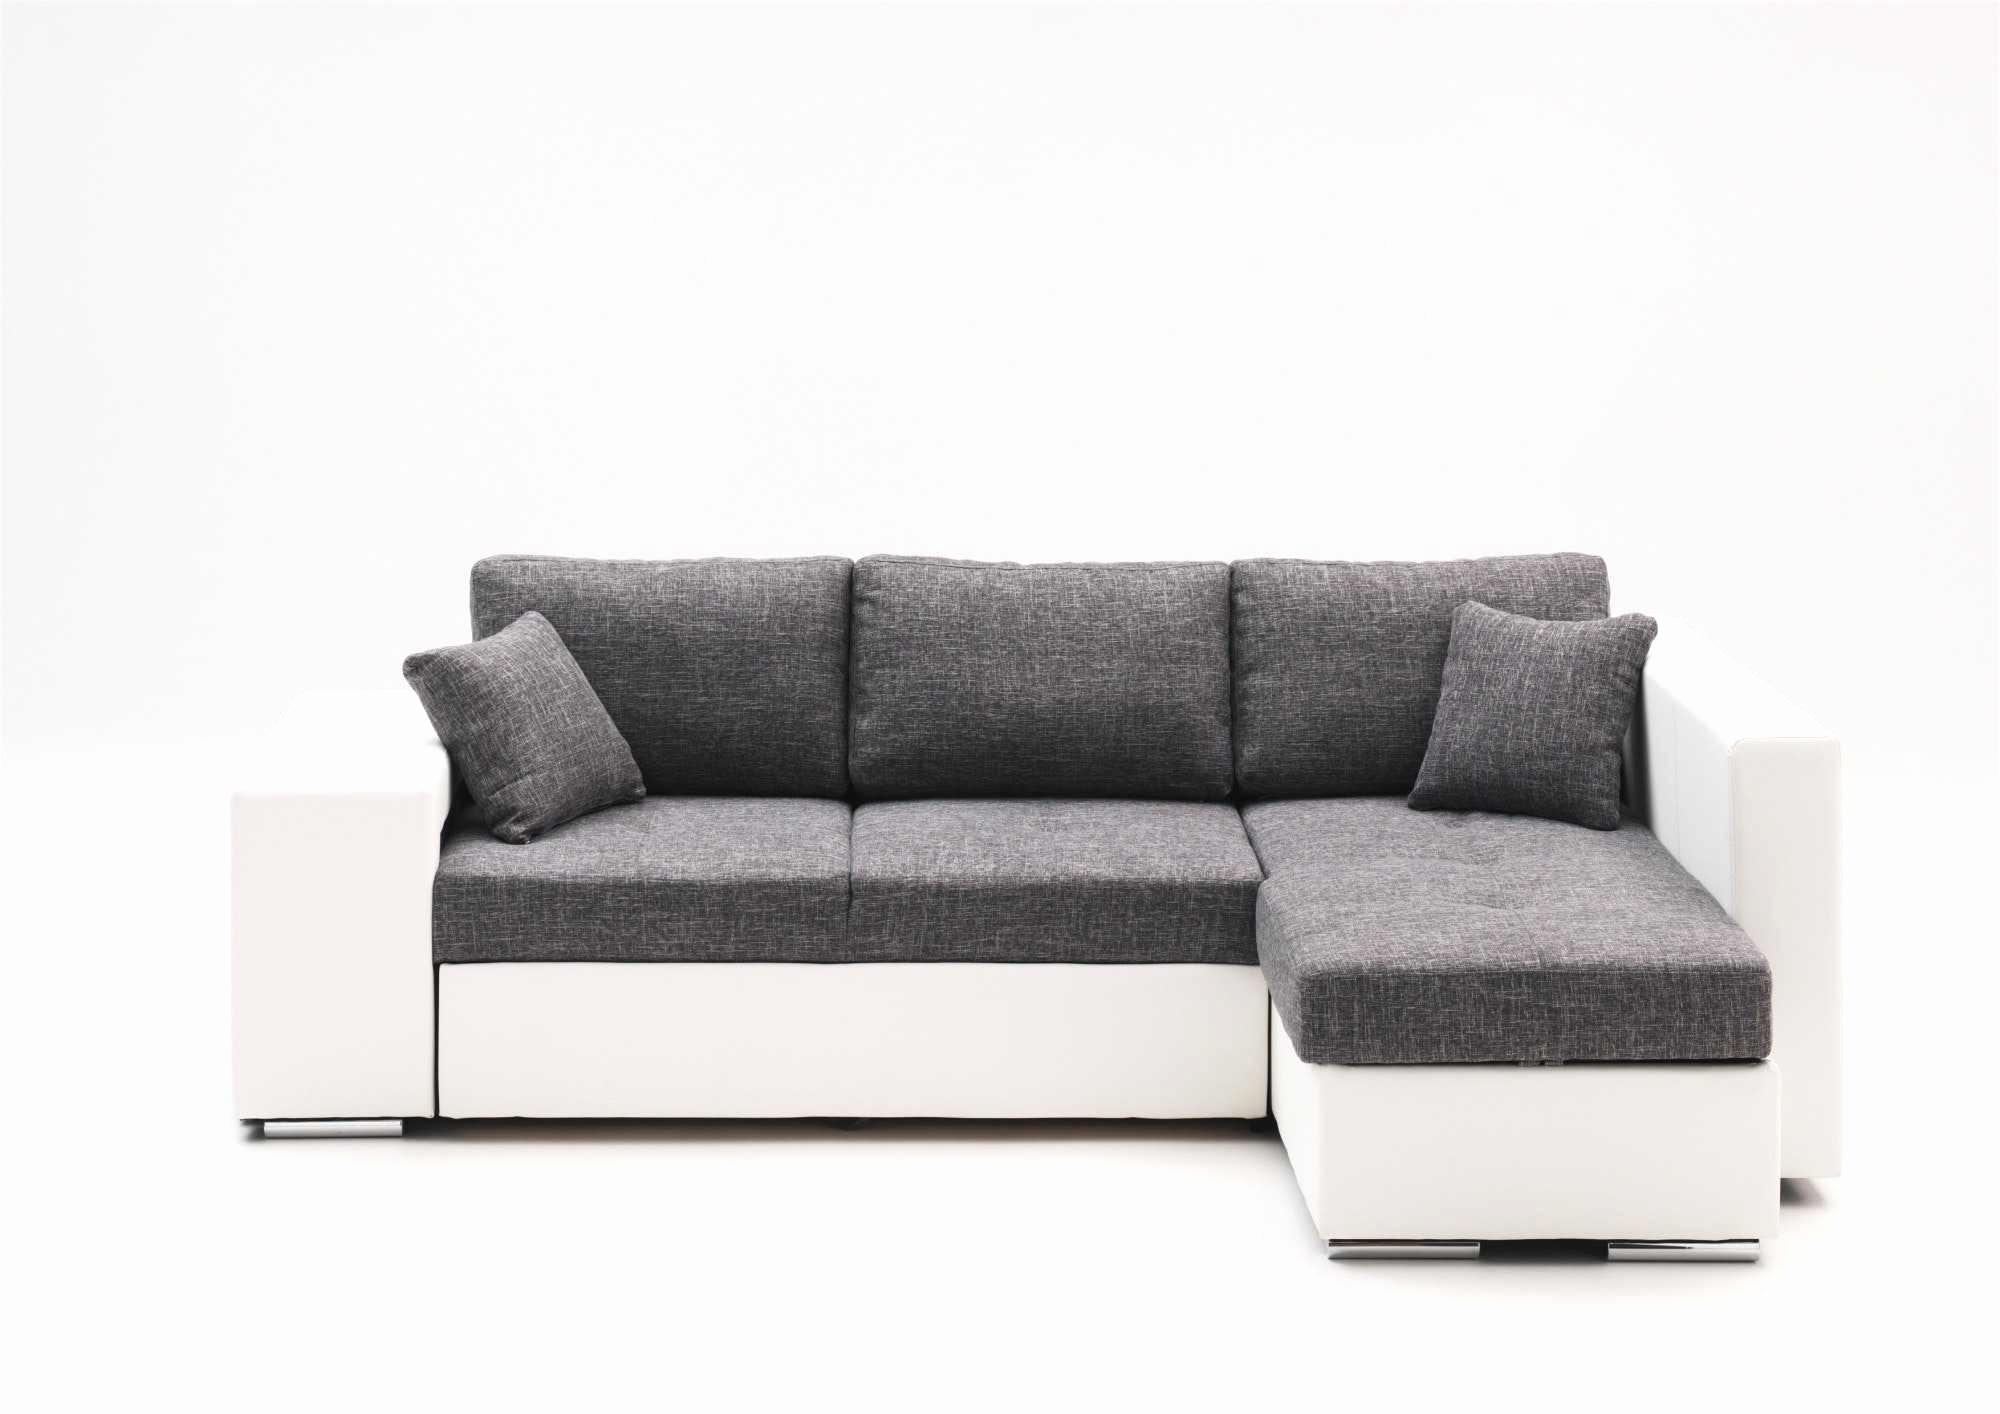 Canape Rapido Ikea Meilleur De Photographie Clic Clac En Cuir Convertible Radioconexionanimal